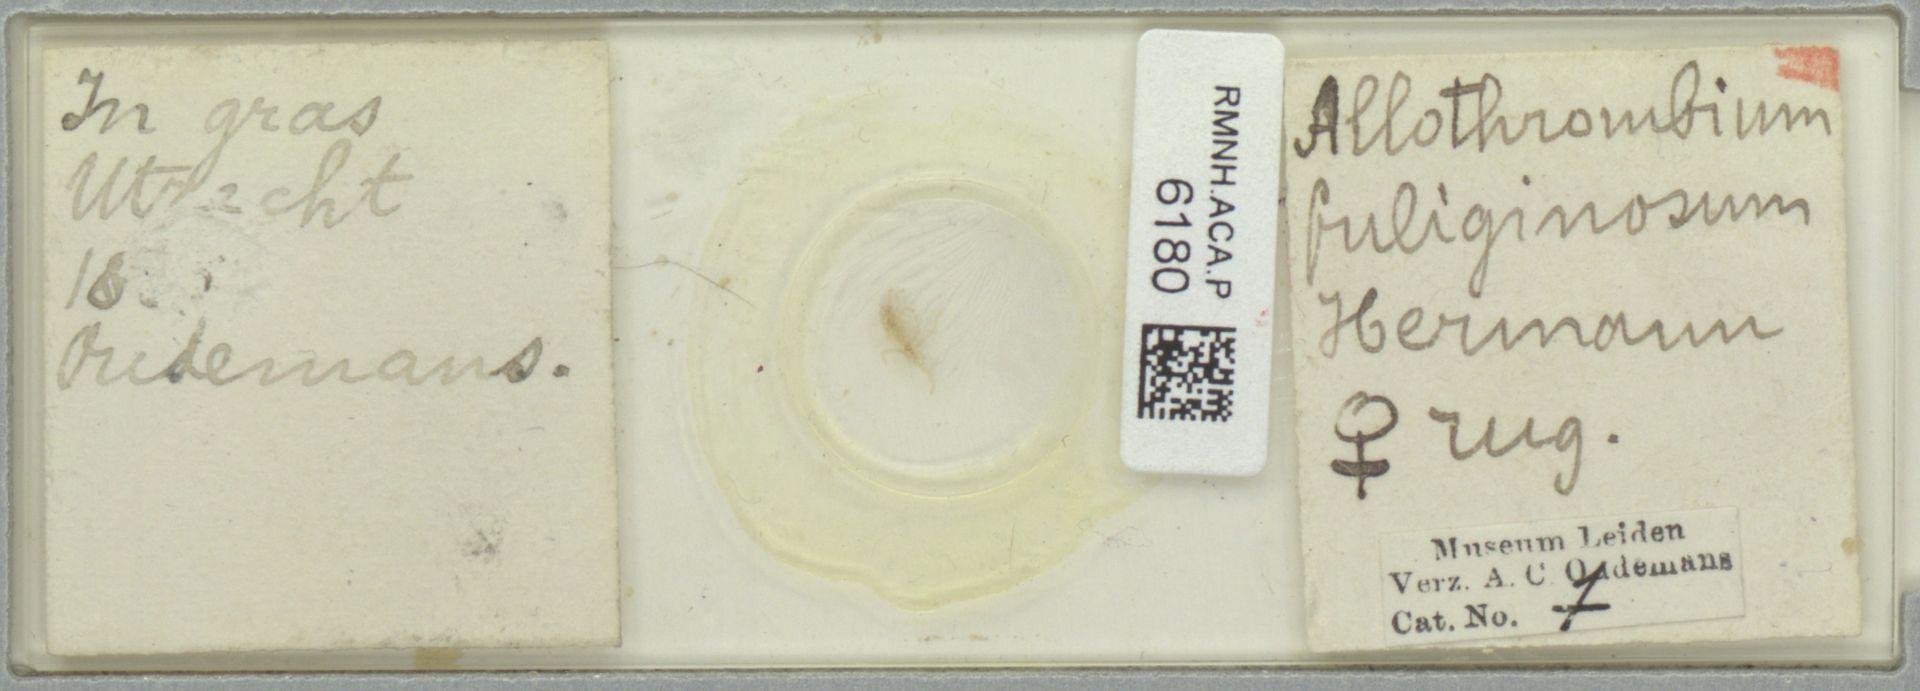 RMNH.ACA.P.6180 | Allothrombium fuliginosum Hermann, 1804